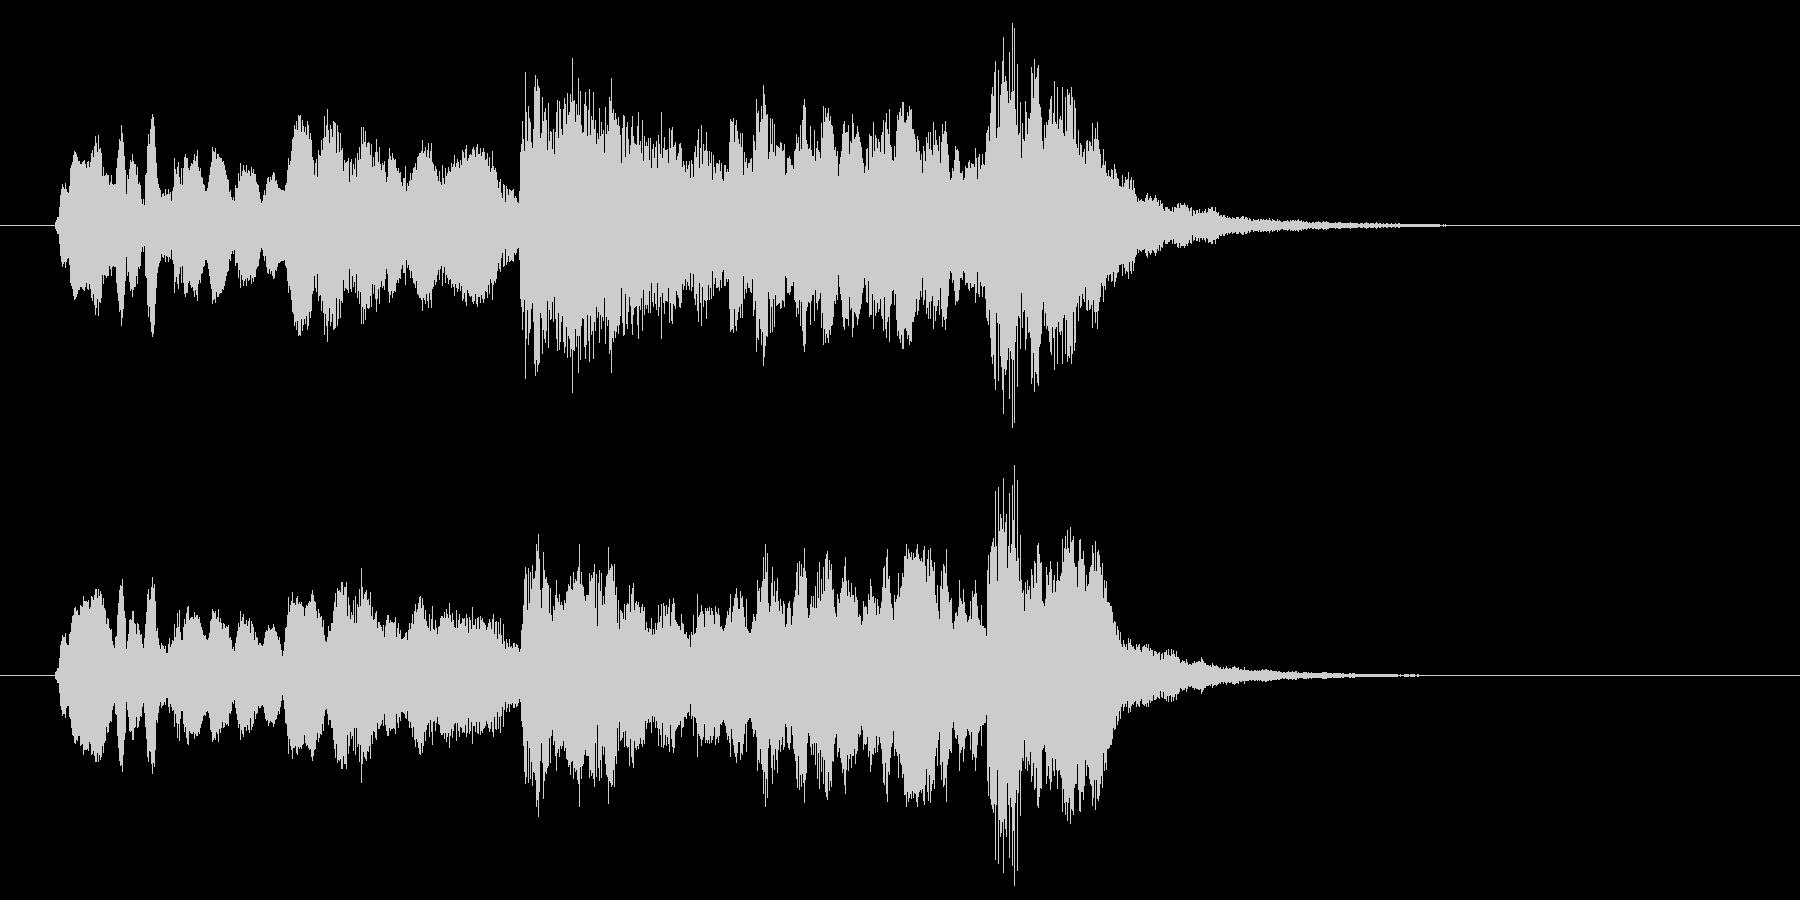 笛とストリングスがワンフレーズを奏でる曲の未再生の波形